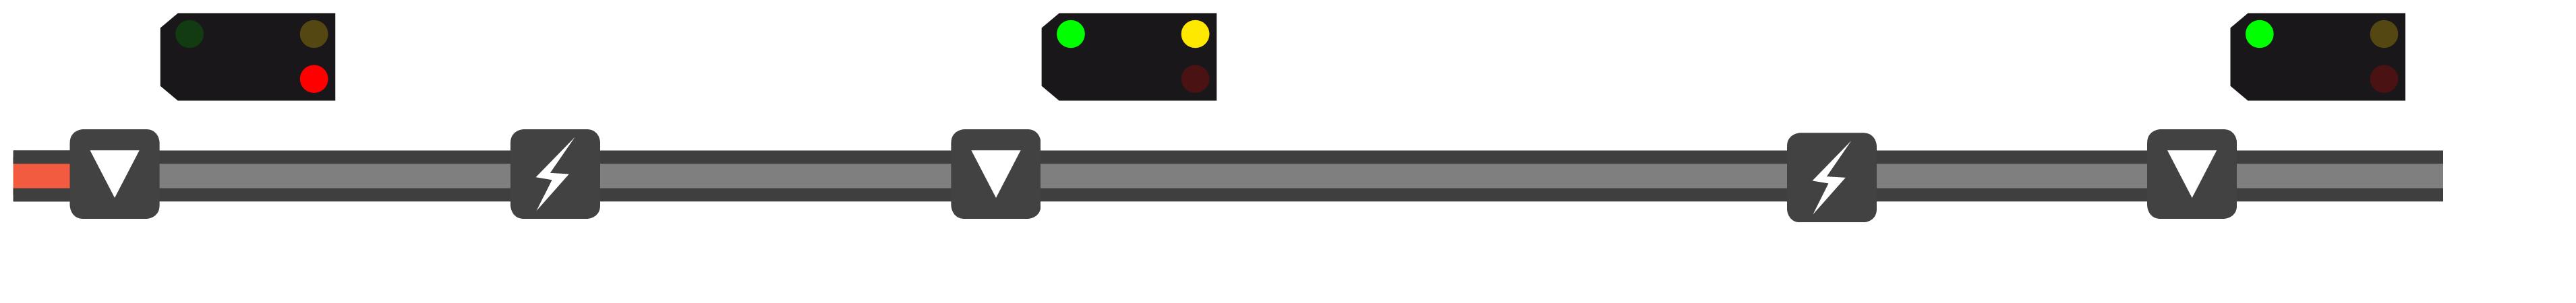 Visualisierung der ALAN Blocksignalisierung - Bild 17 von 18